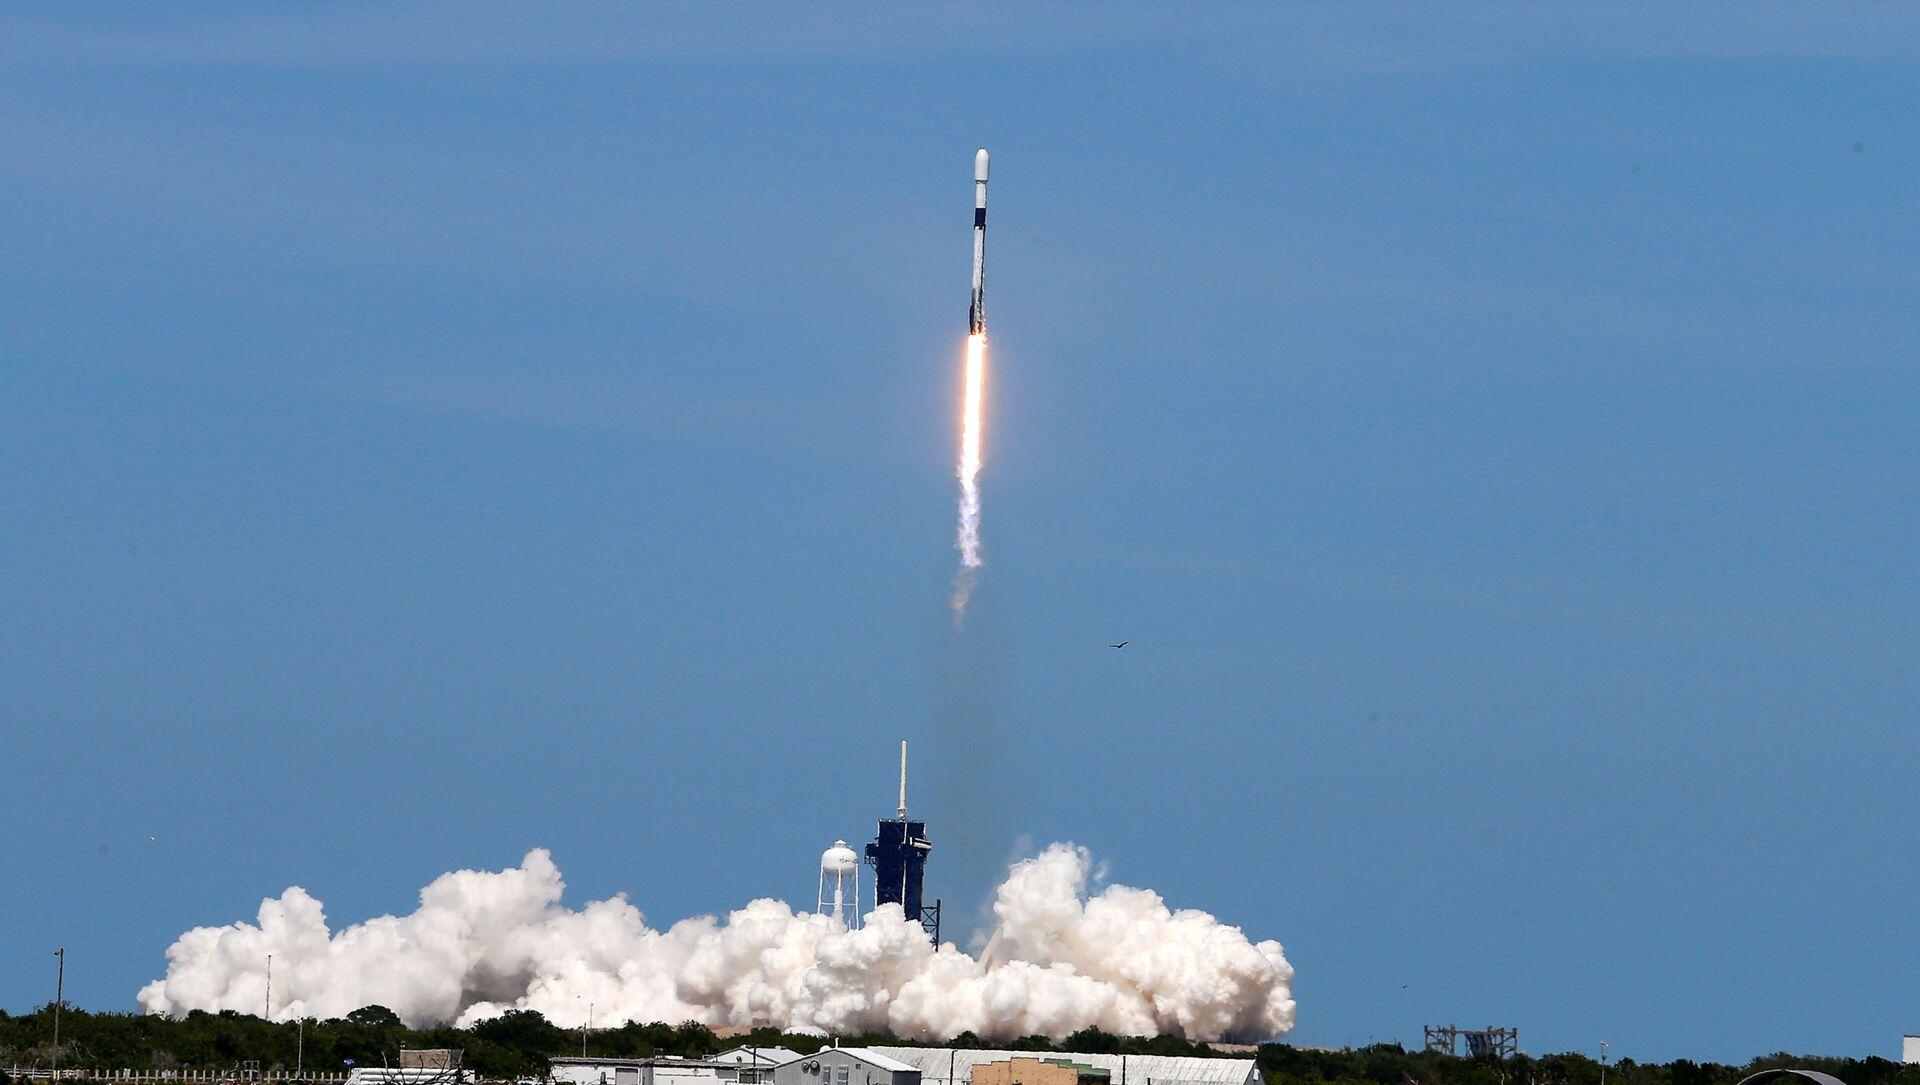 Starlink uydu ağının 6'ncı halkası 60 uydu, SpaceX üretimi Falcon 9 roketiyle ABD'nin Florida eyaletindeki Cape Canaveral Üssü'nden fırlatıldı. - Sputnik Türkiye, 1920, 05.05.2021